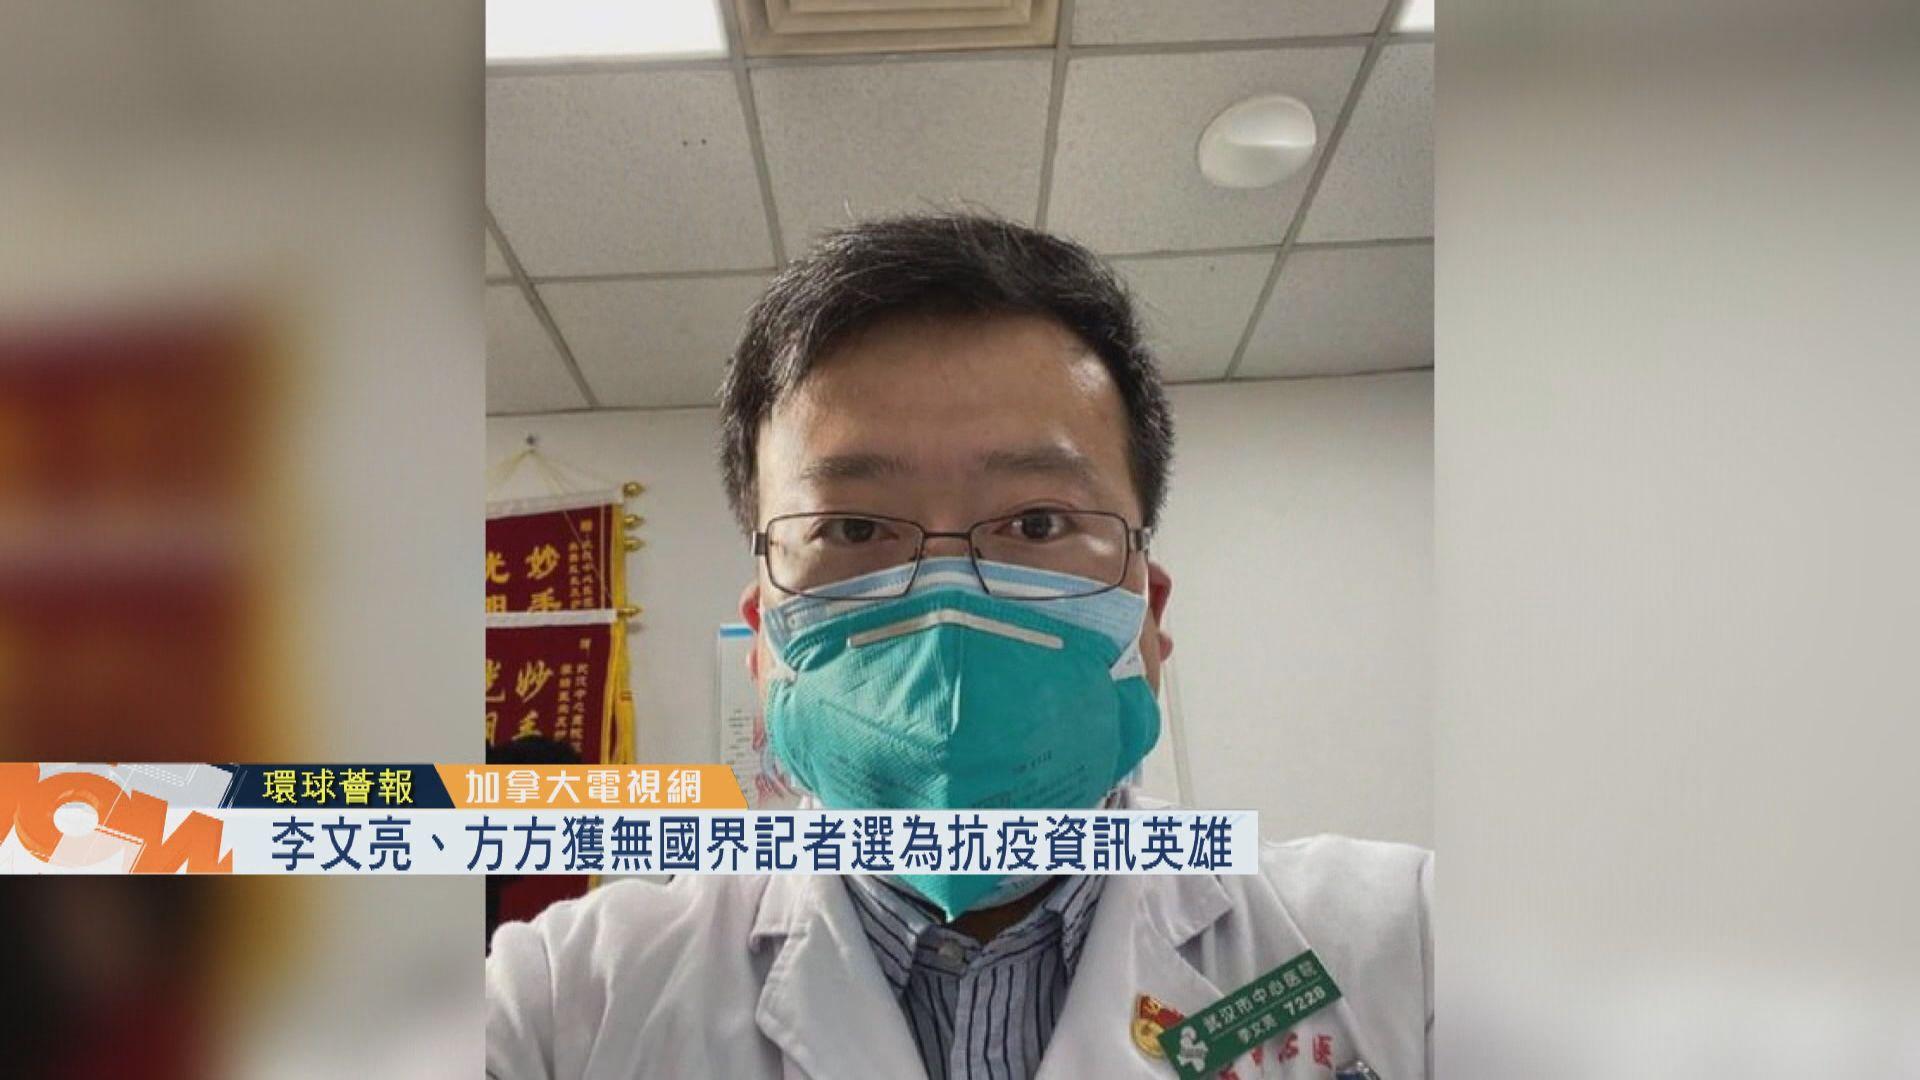 【環球薈報】李文亮、方方獲無國界記者選為抗疫資訊英雄